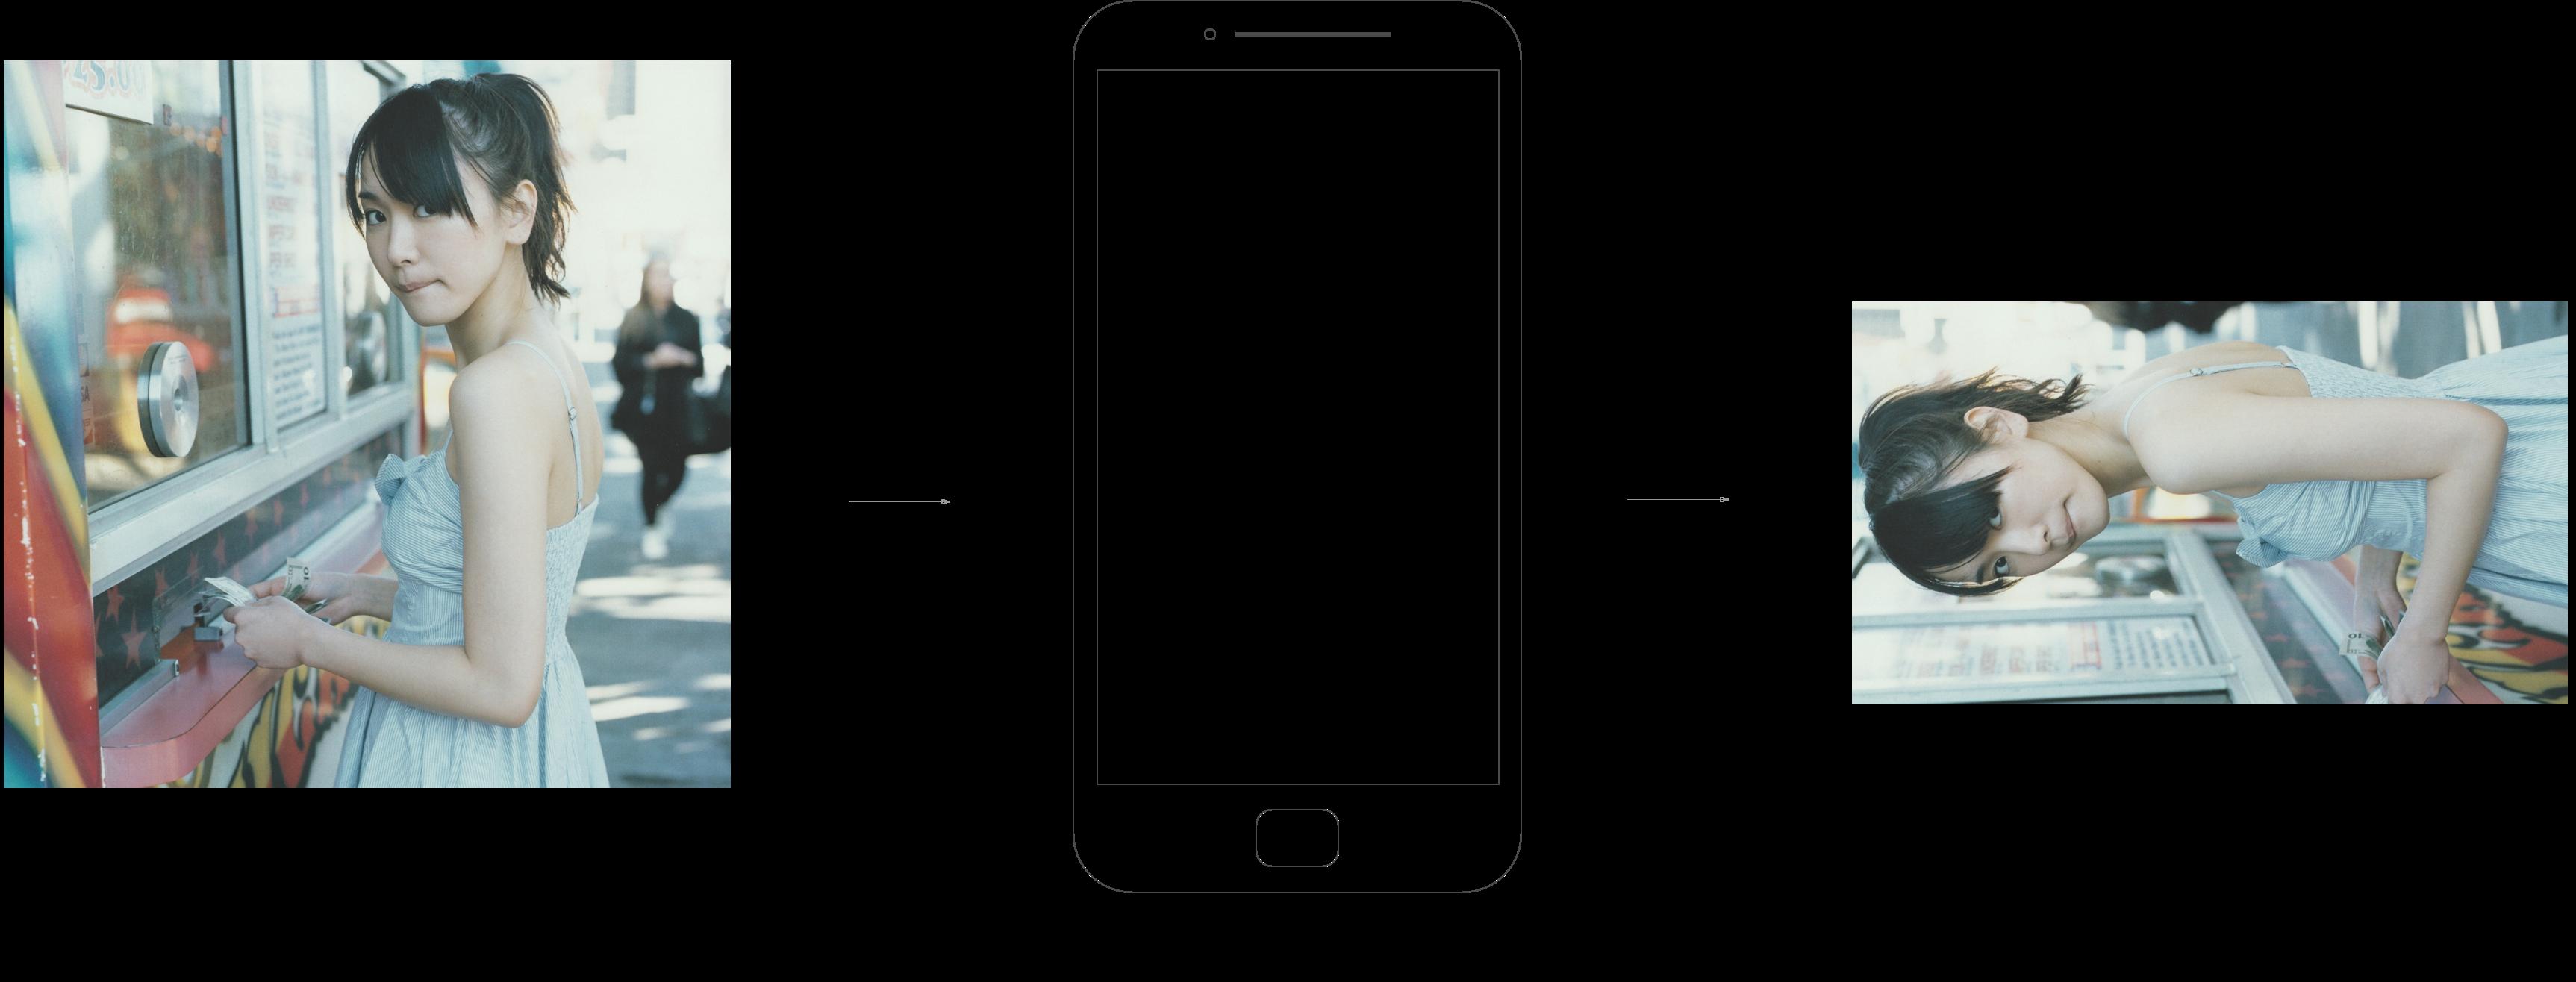 0109-android-camera-3-api-camera-pic-ratation.png